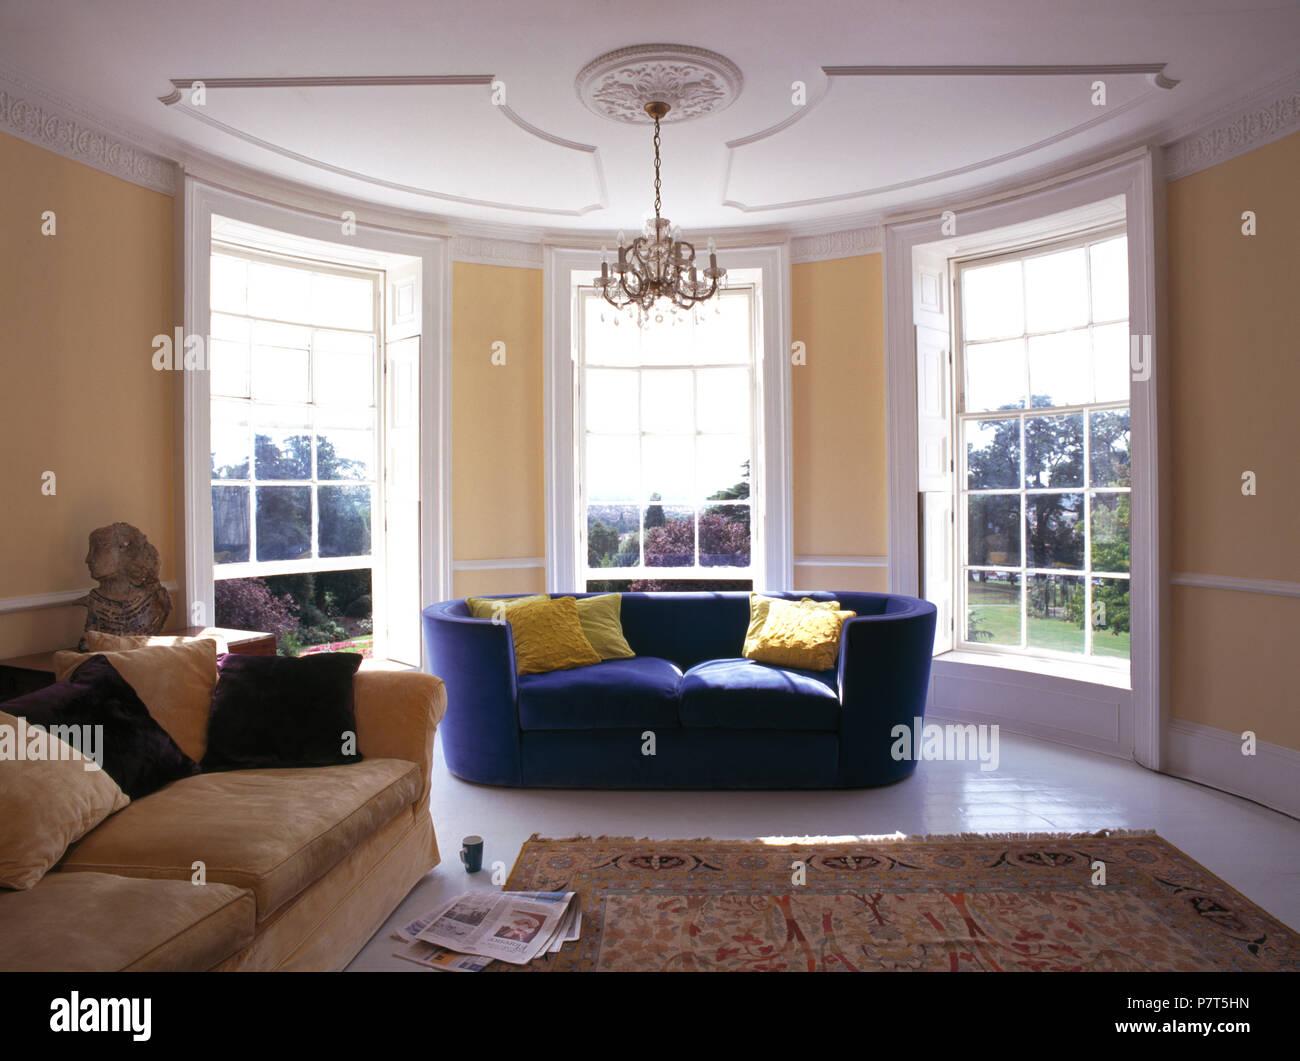 Blaue Sofa In Der Bucht Fenster Des Grossen Landes Wohnzimmer